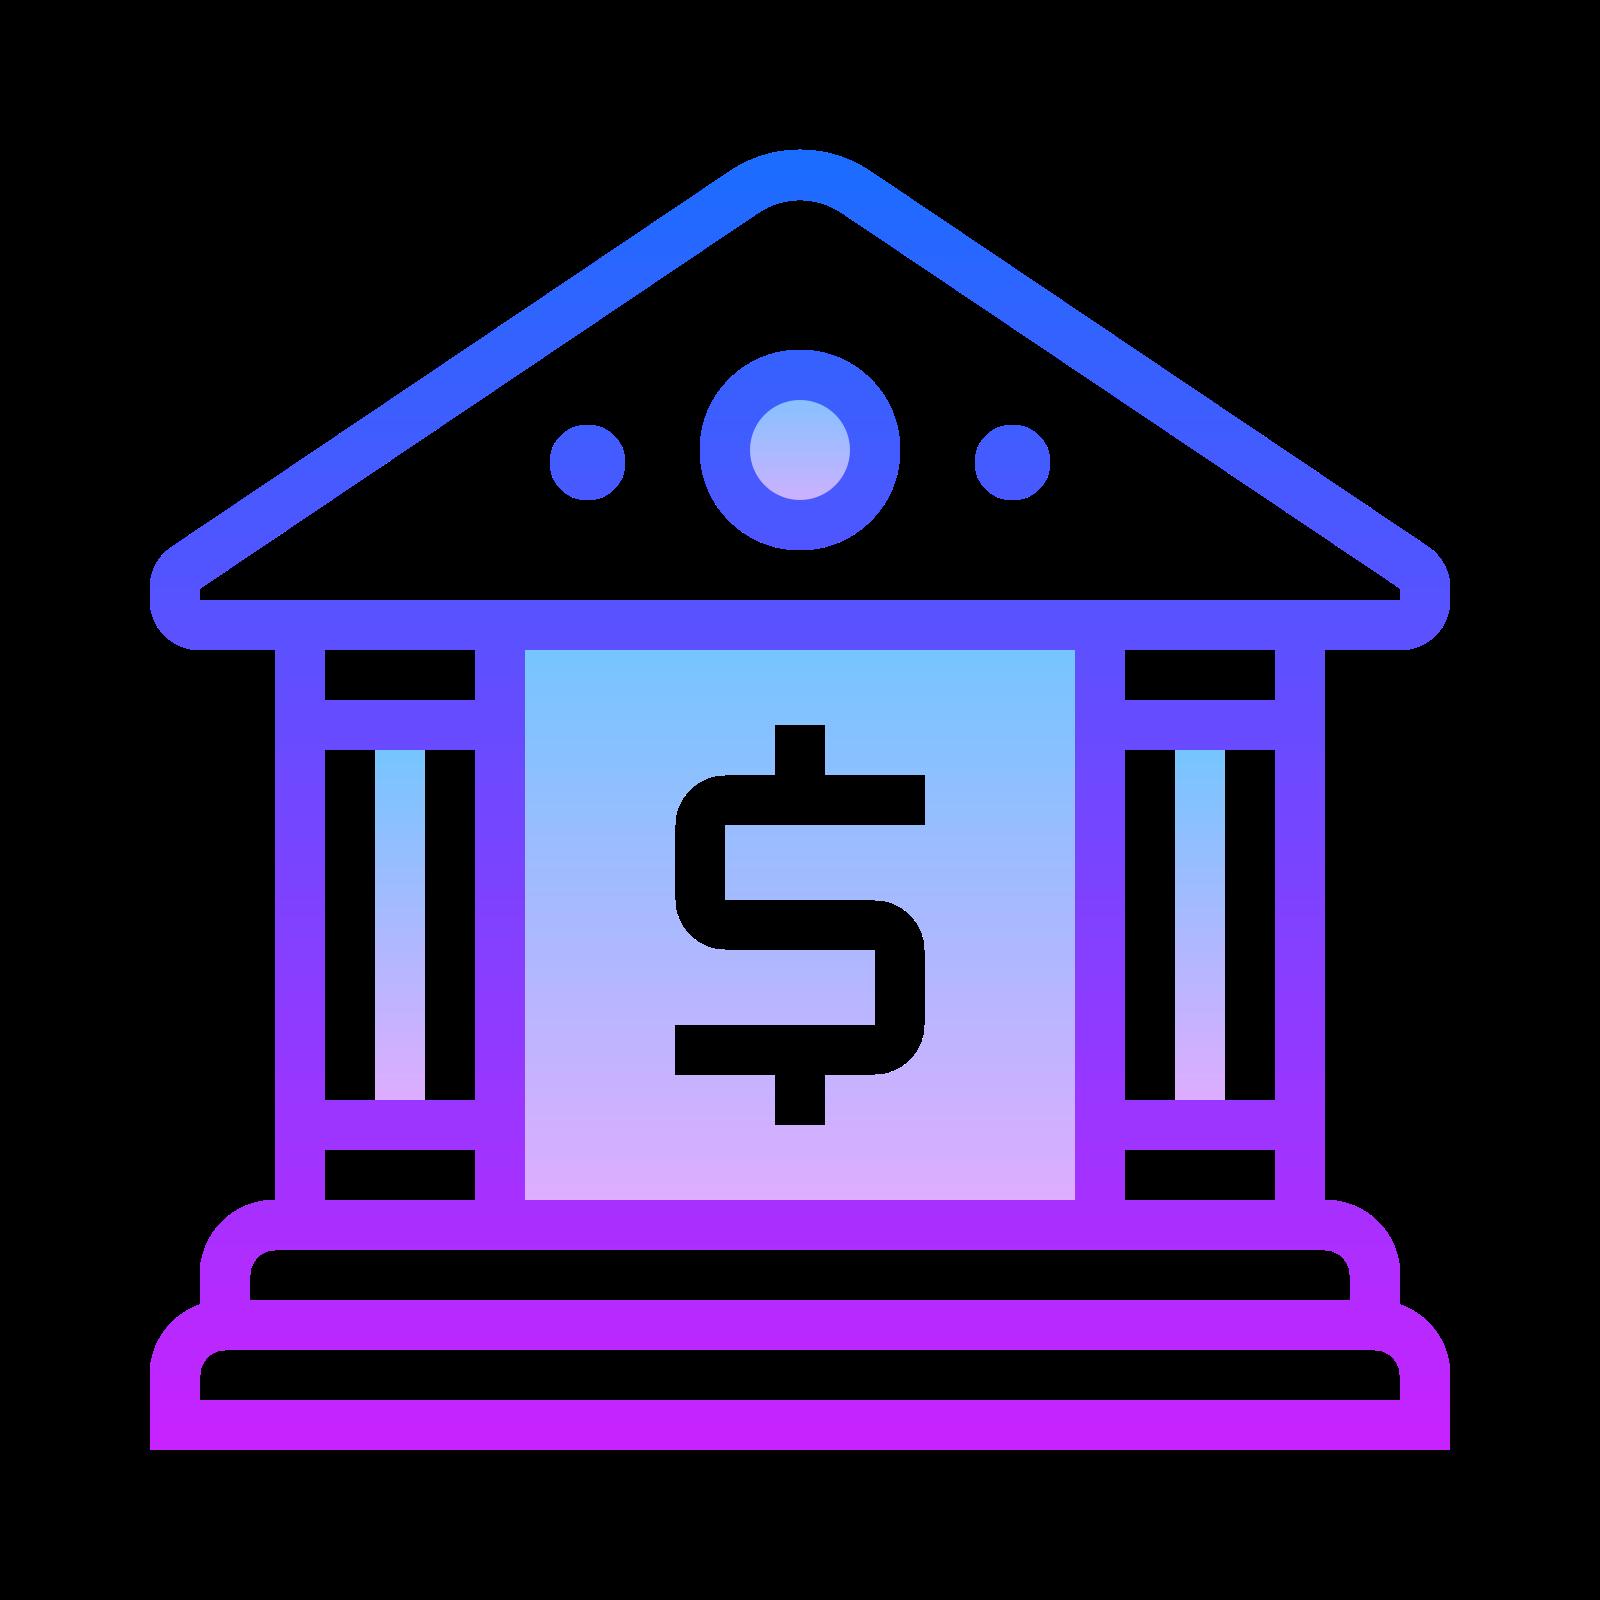 Здание банка icon